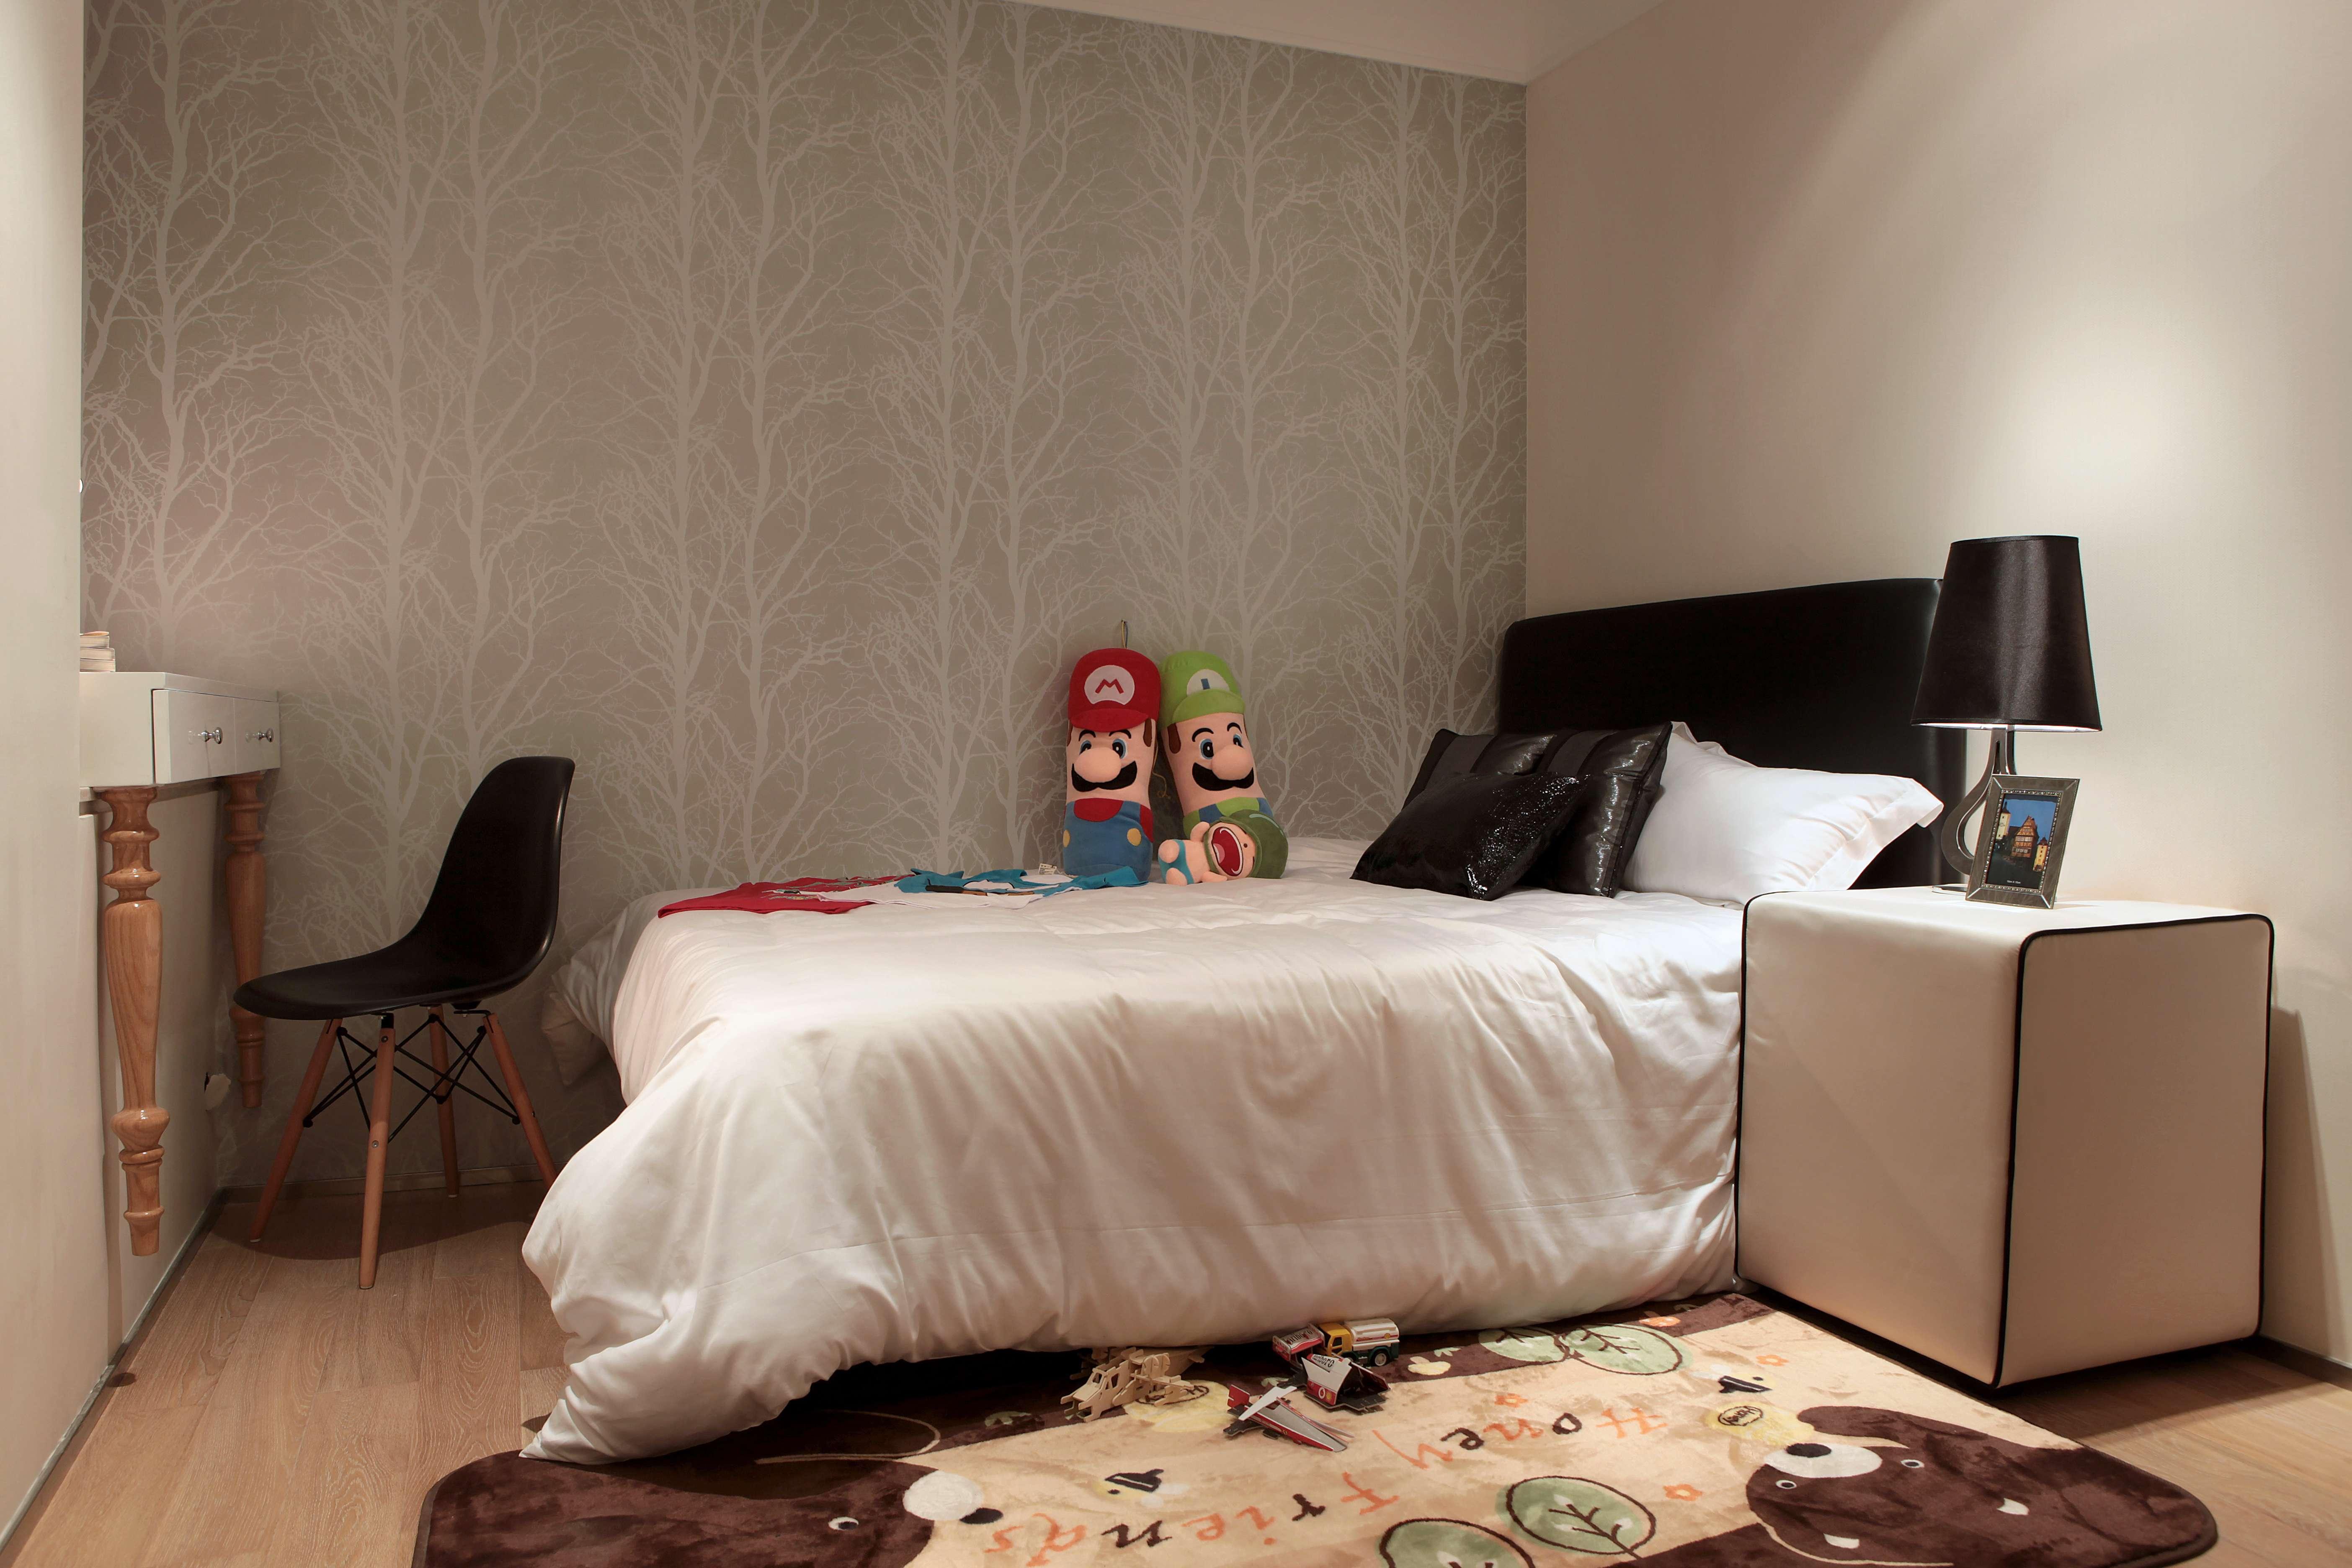 次卧留作儿童房,铺上柔软的卡通地毯,十分温馨。